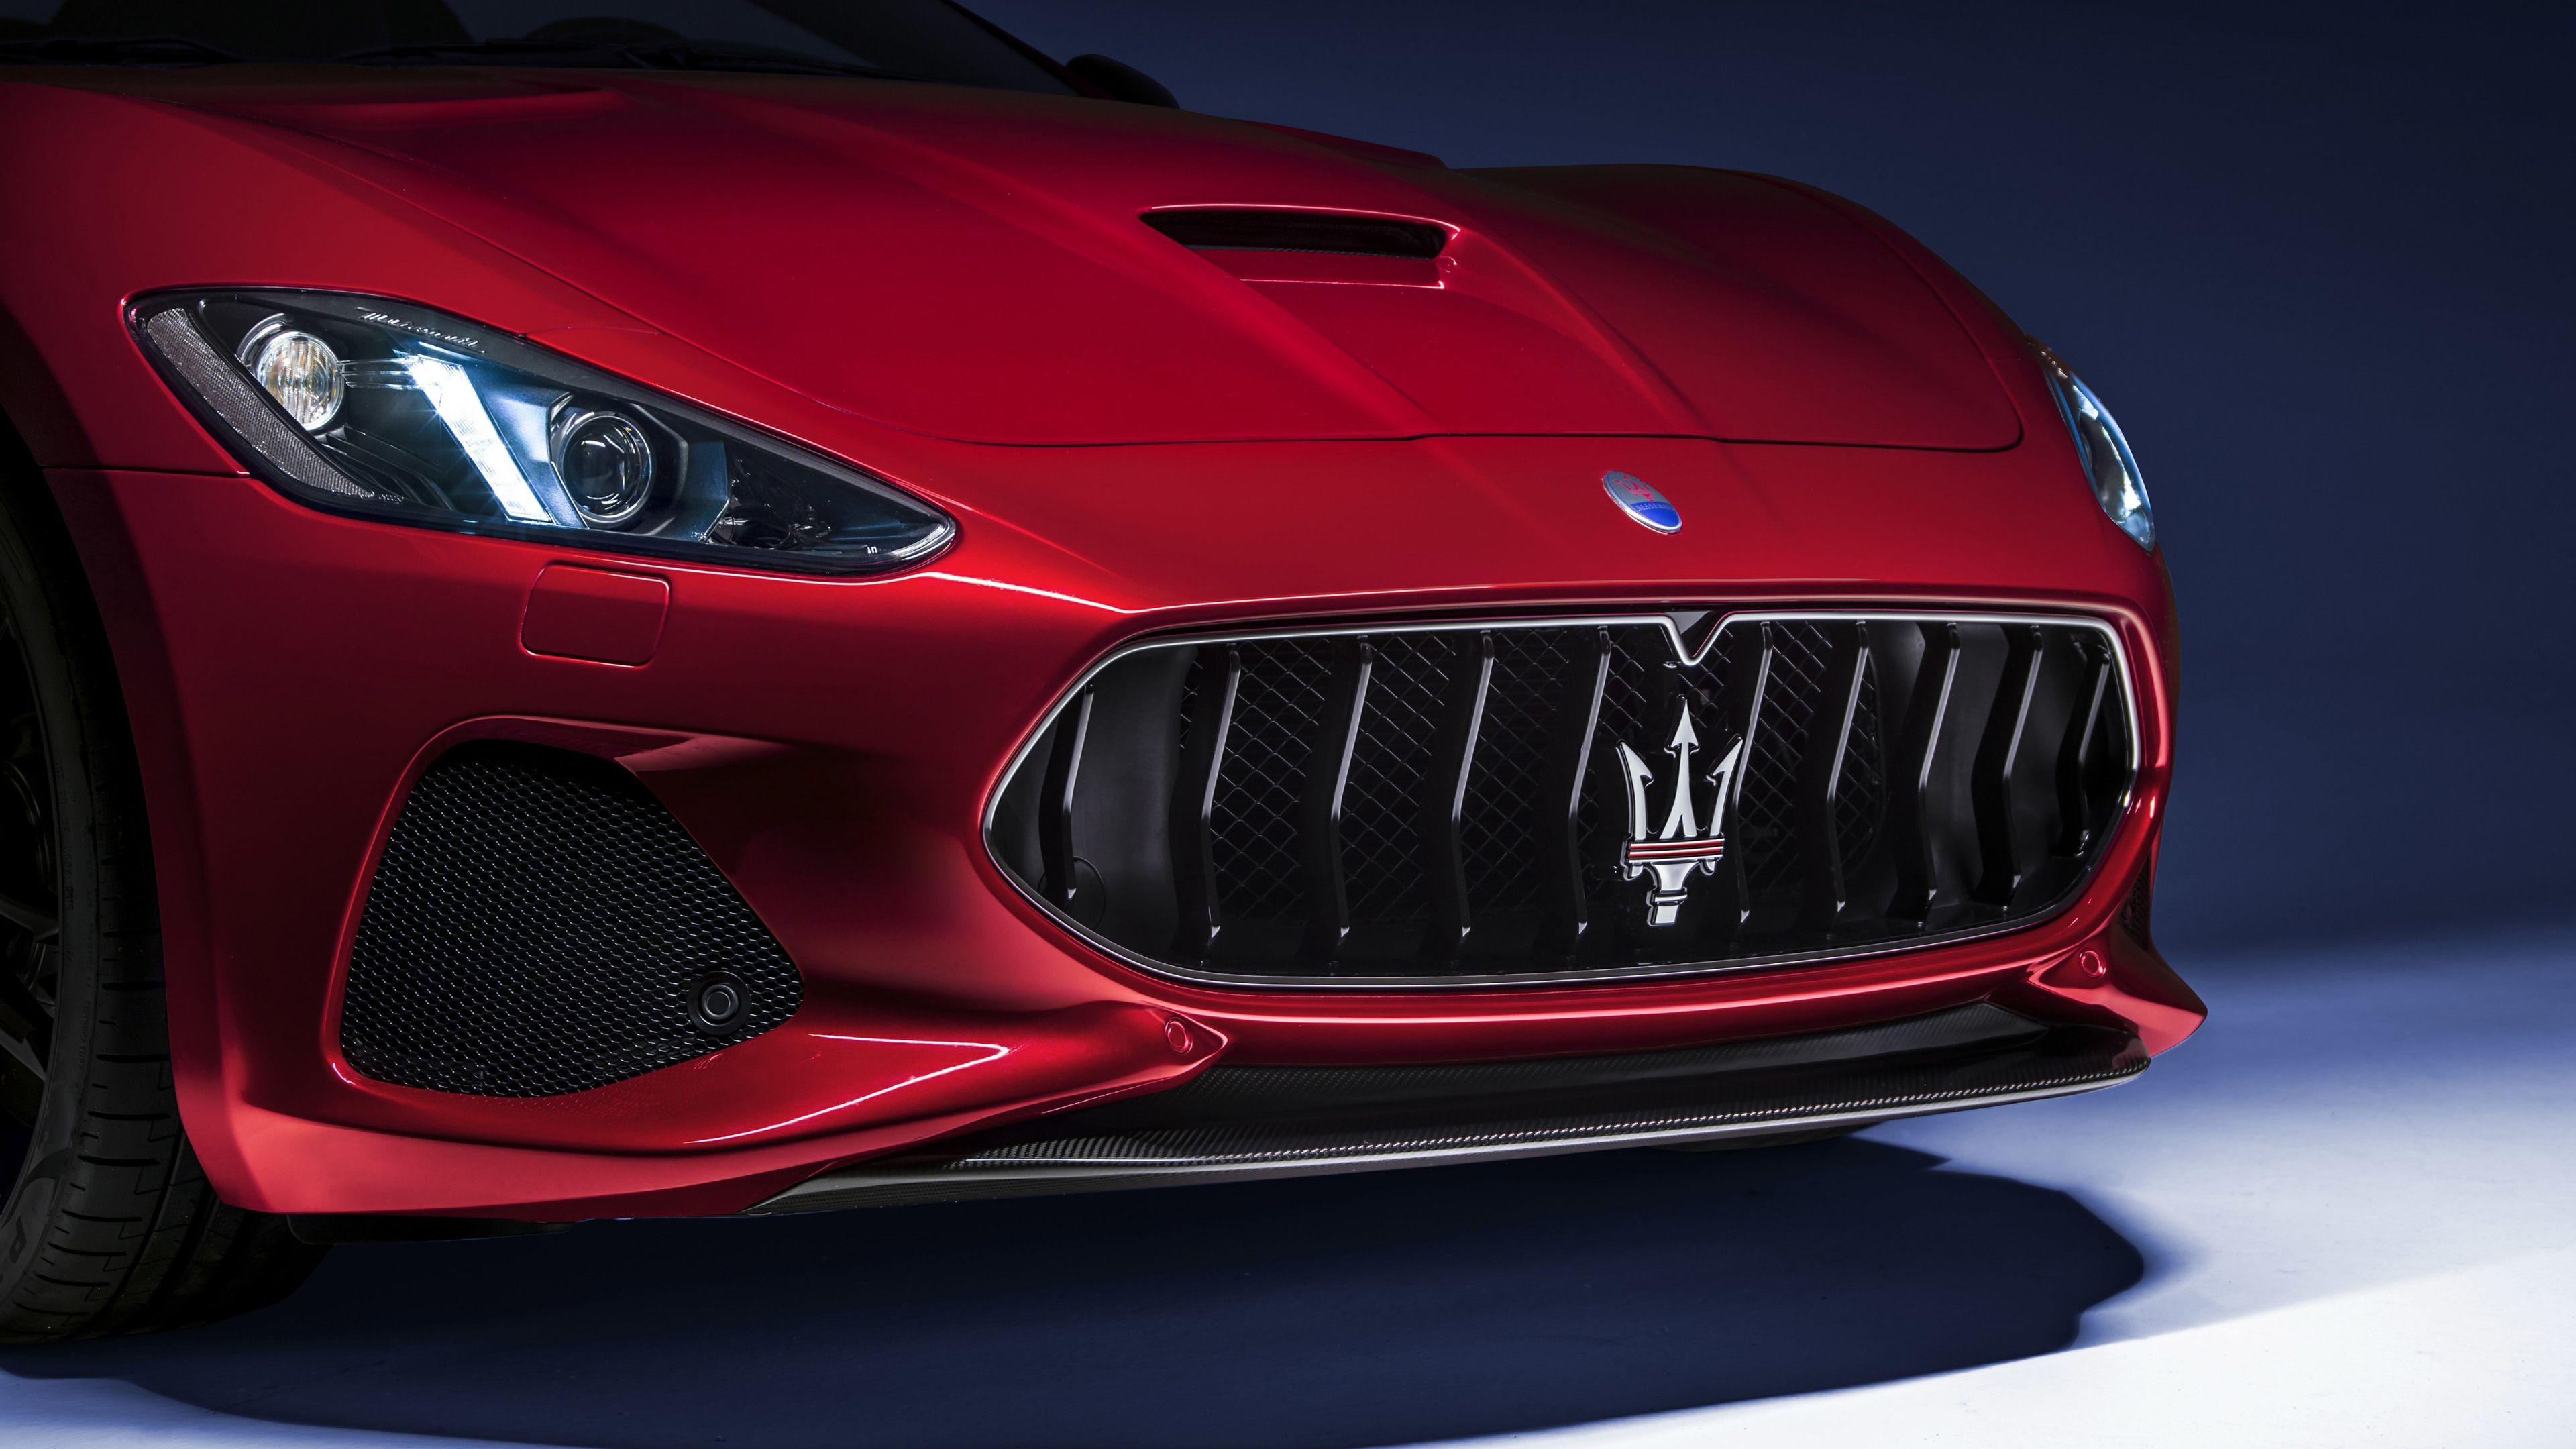 Maserati Granturismo 2018 4k Maserati Wallpapers Maserati Granturismo Wallpapers Hd Wa Maserati Granturismo Maserati Granturismo Sport Maserati Granturismo S